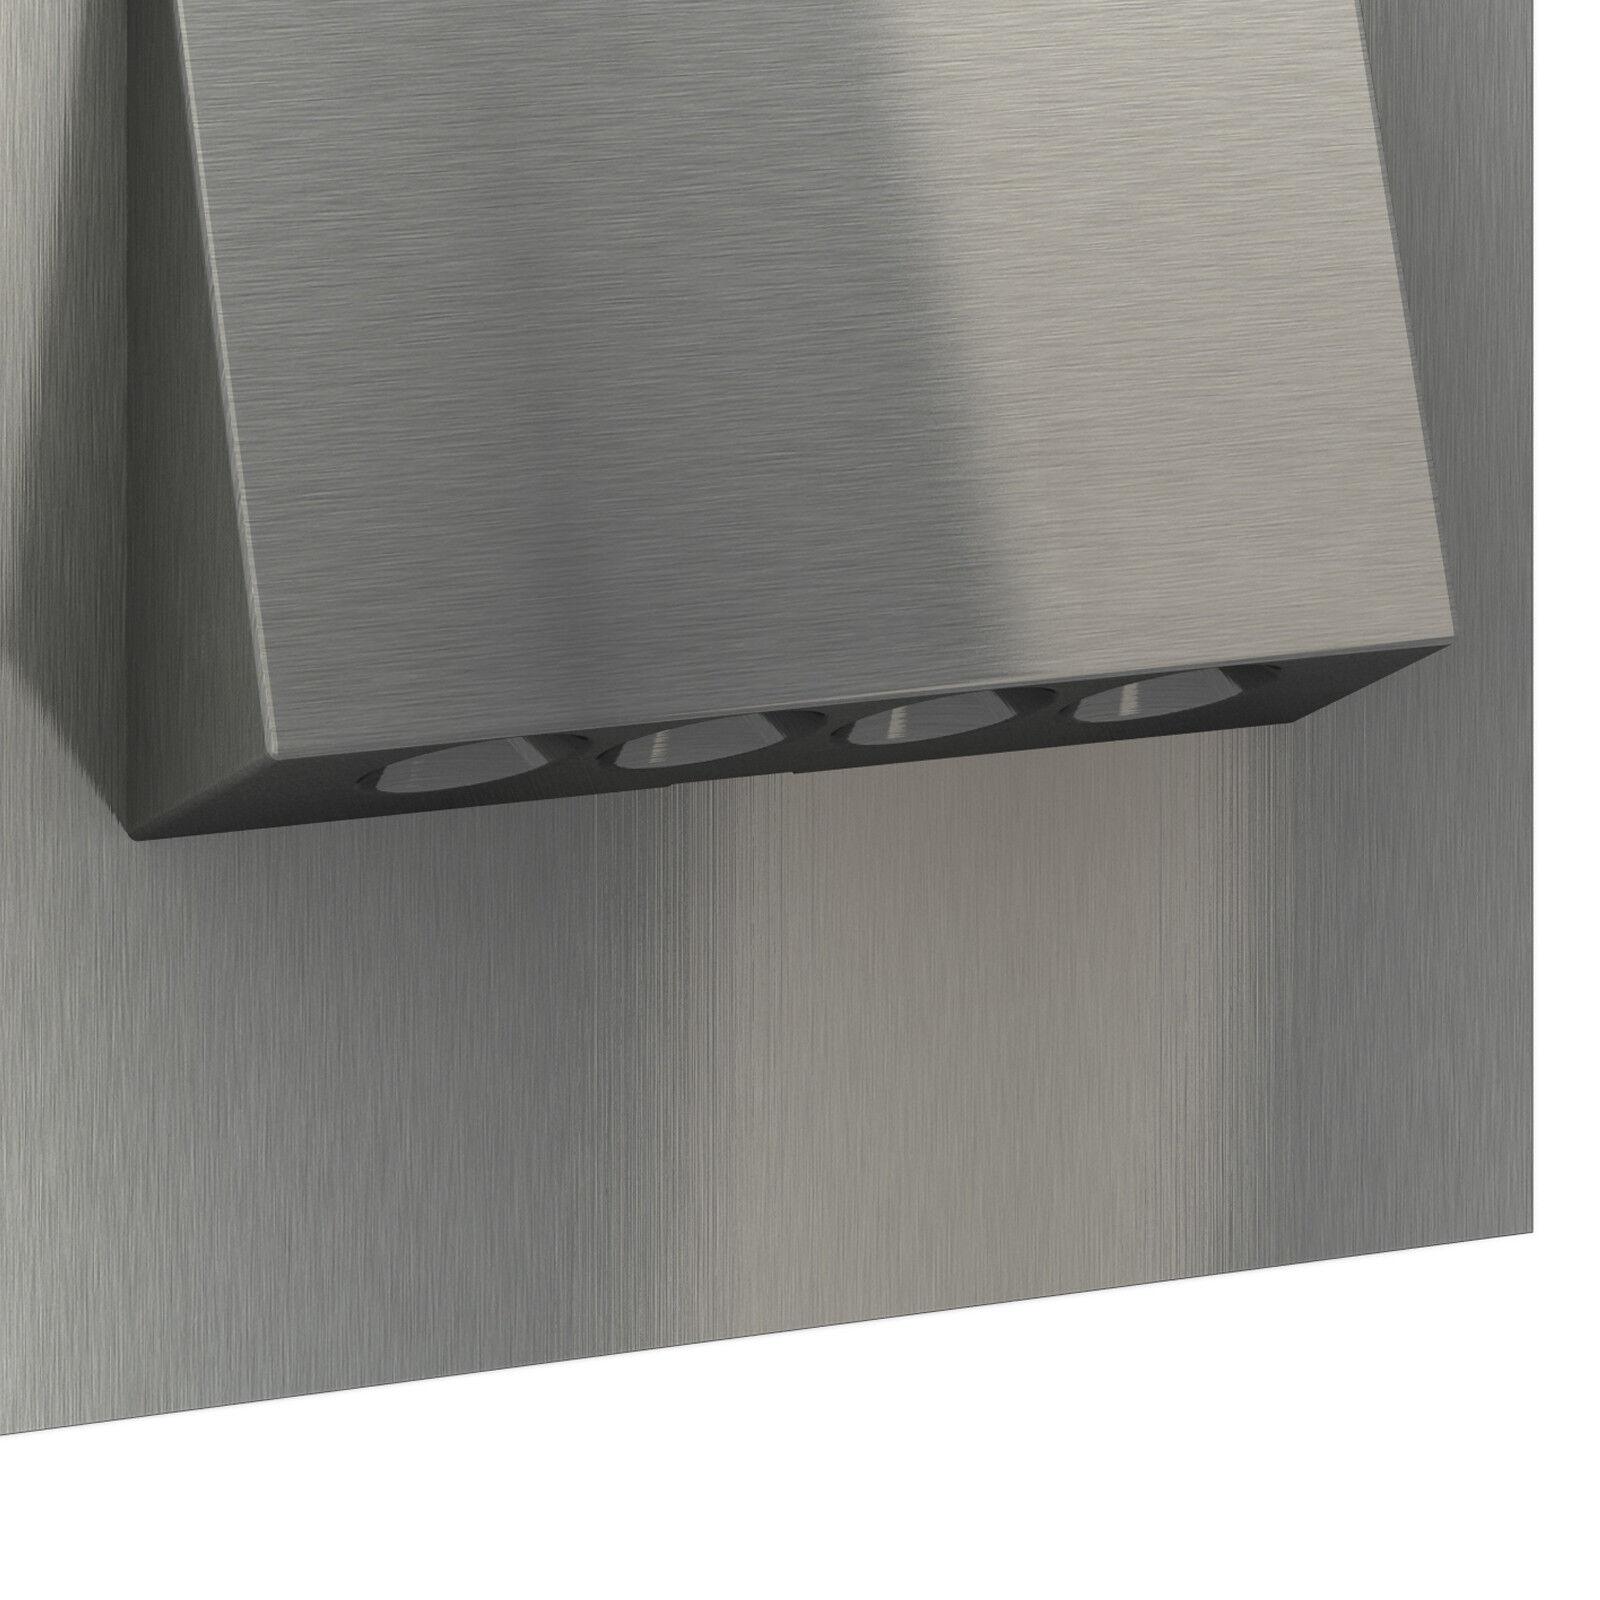 led wandleuchte edelstahl 230v einbau stufen treppen beleuchtung 1 30x teramo eur 38 67. Black Bedroom Furniture Sets. Home Design Ideas